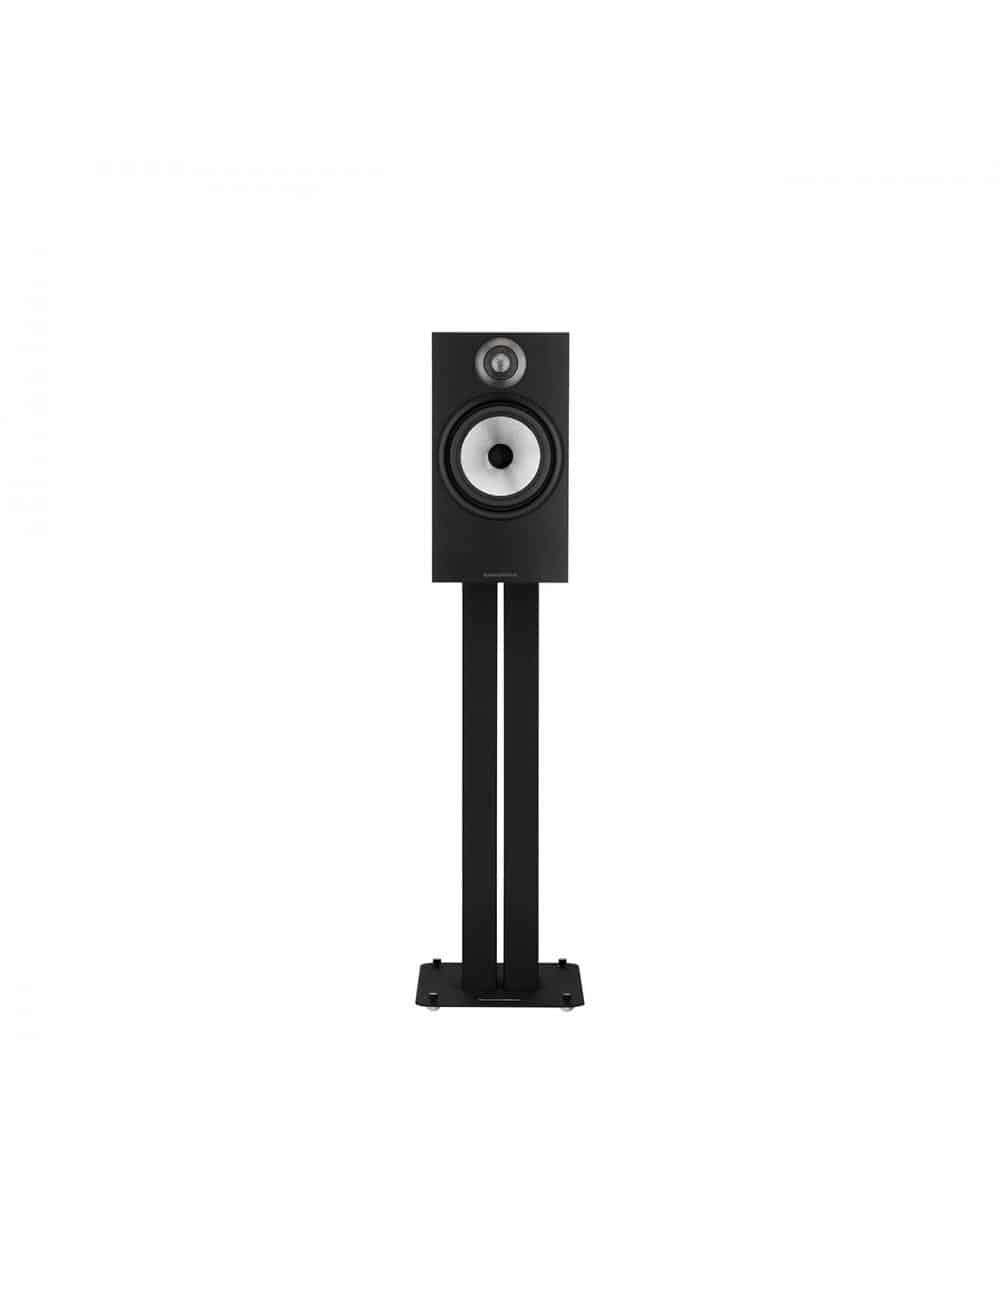 diffusori acustici da stand o scaffale per hifi e home theater, Bowers & Wilkins 606, finitura Nero